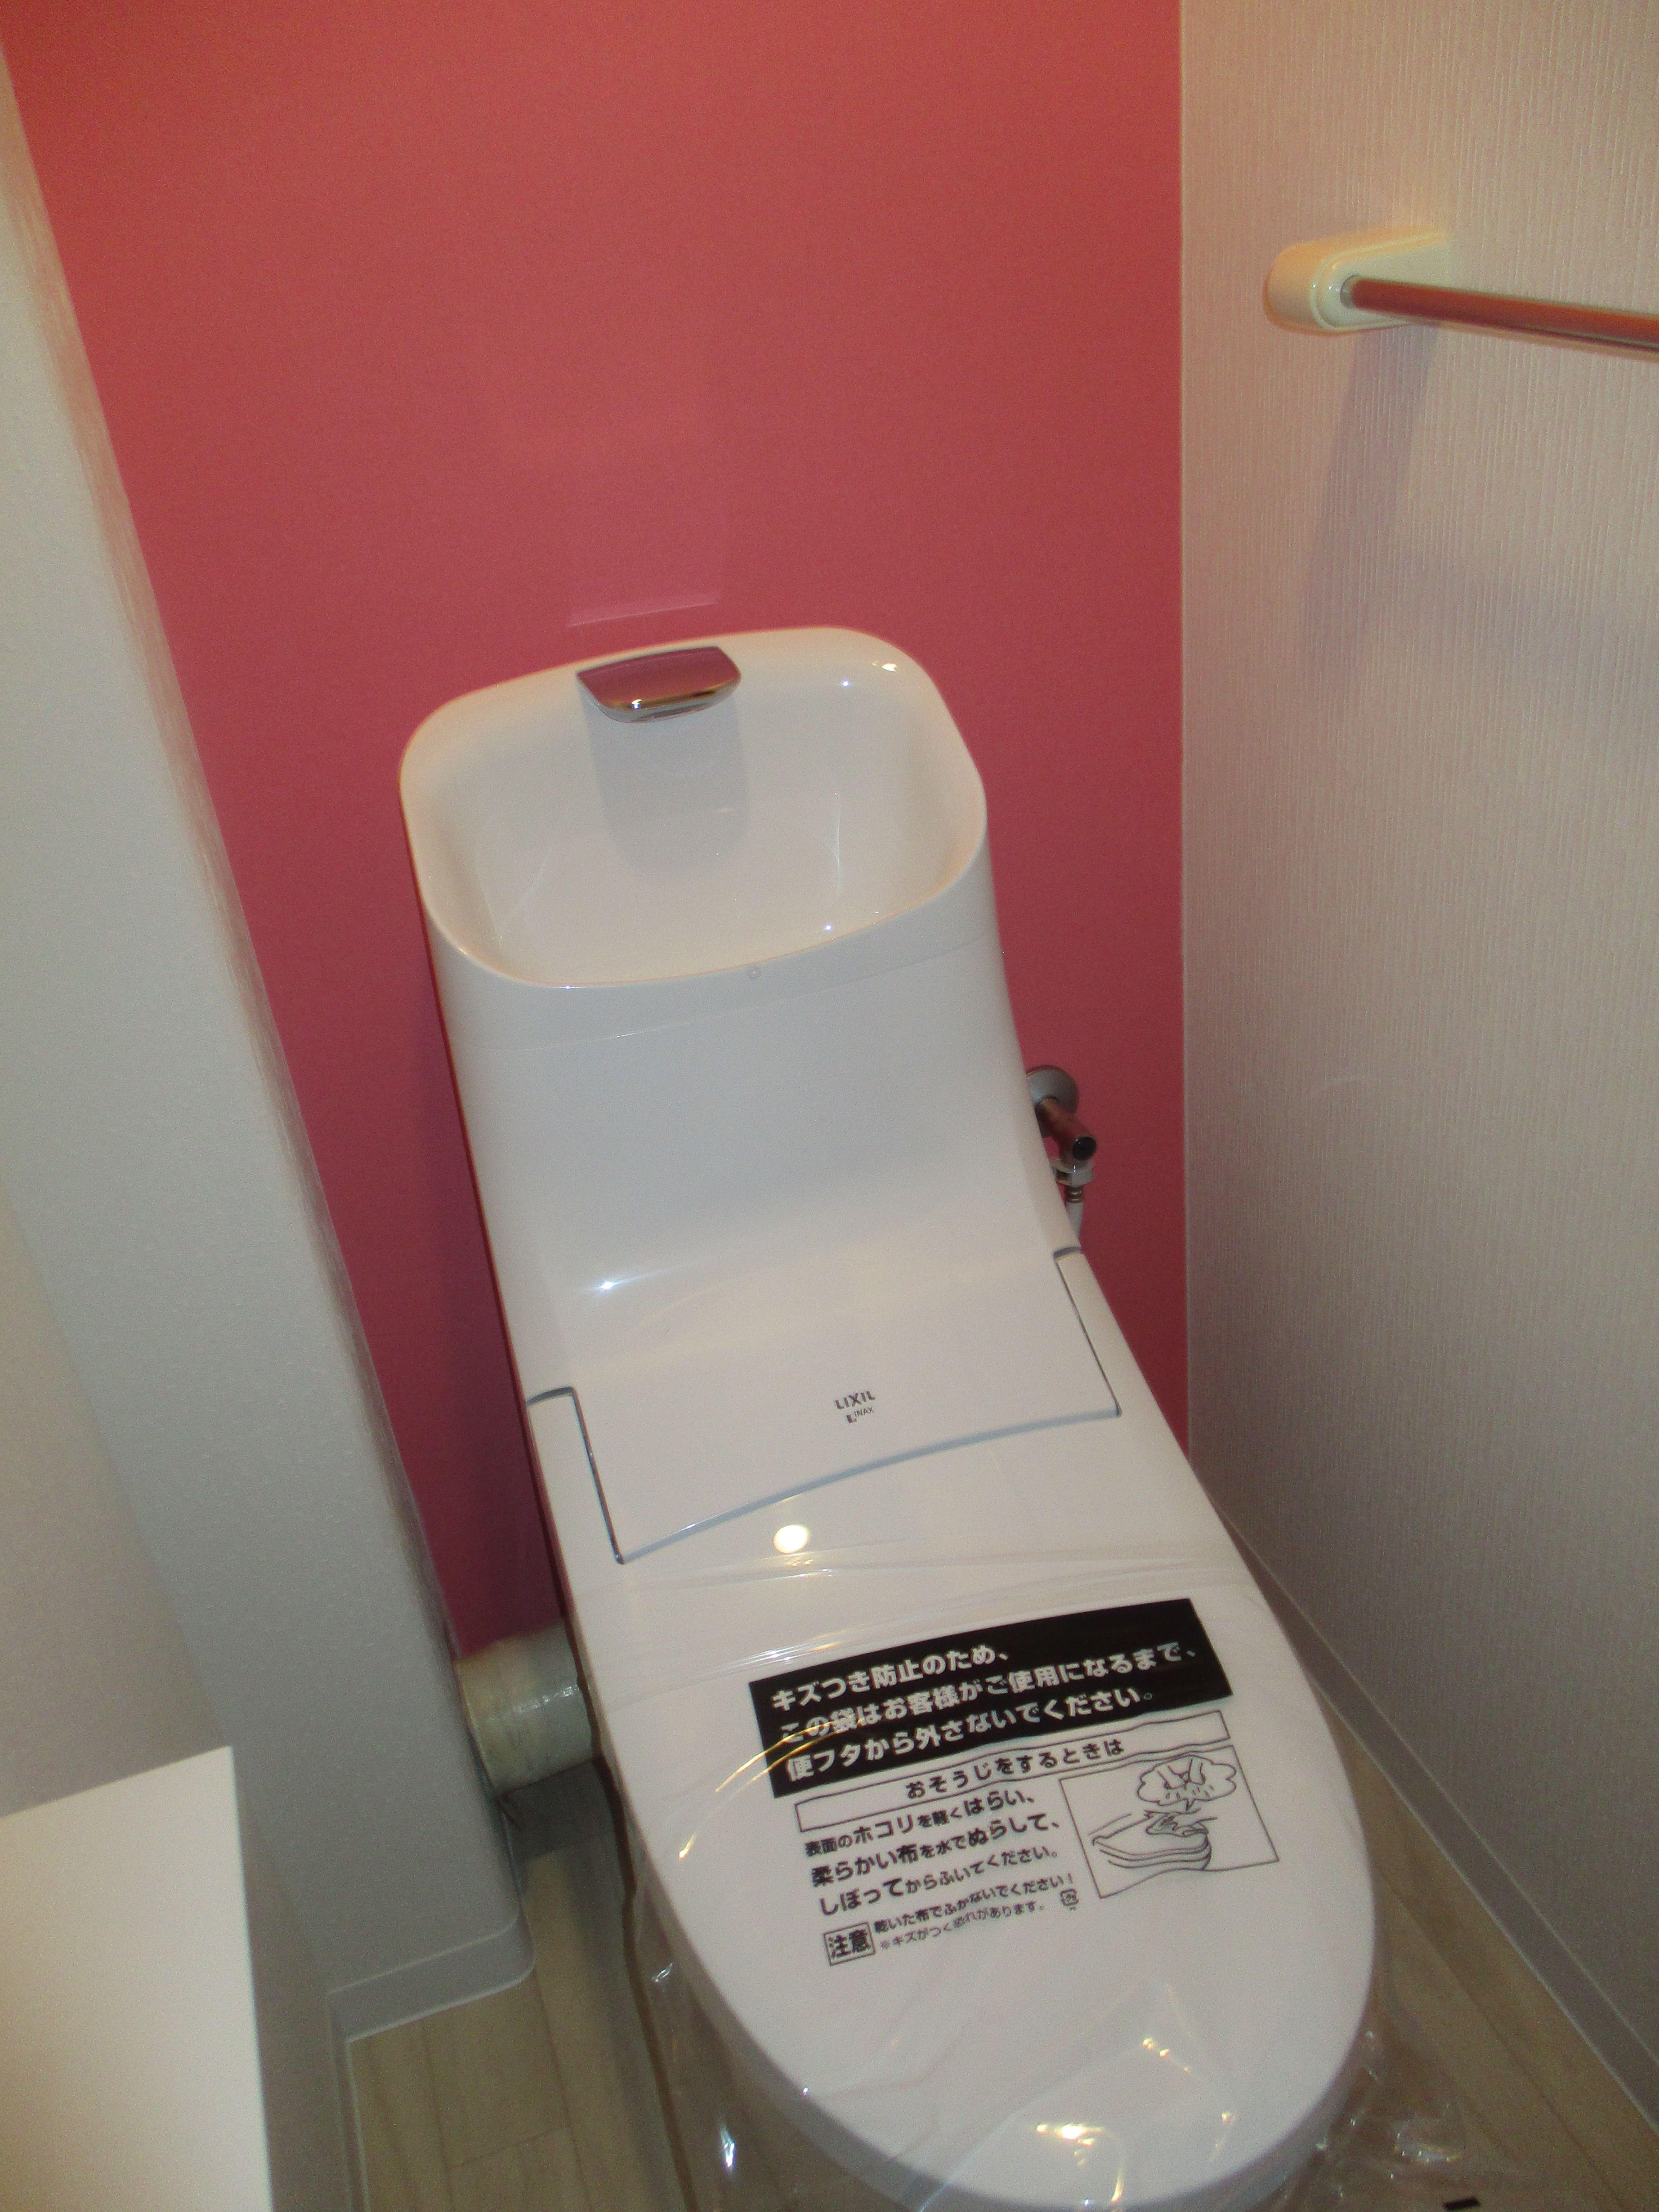 リクシルのトイレ プレアスhsタイプです カラーはピュアホワイトです トイレ リクシル プレアス ピュアホワイト リクシル アクセントクロス クロス